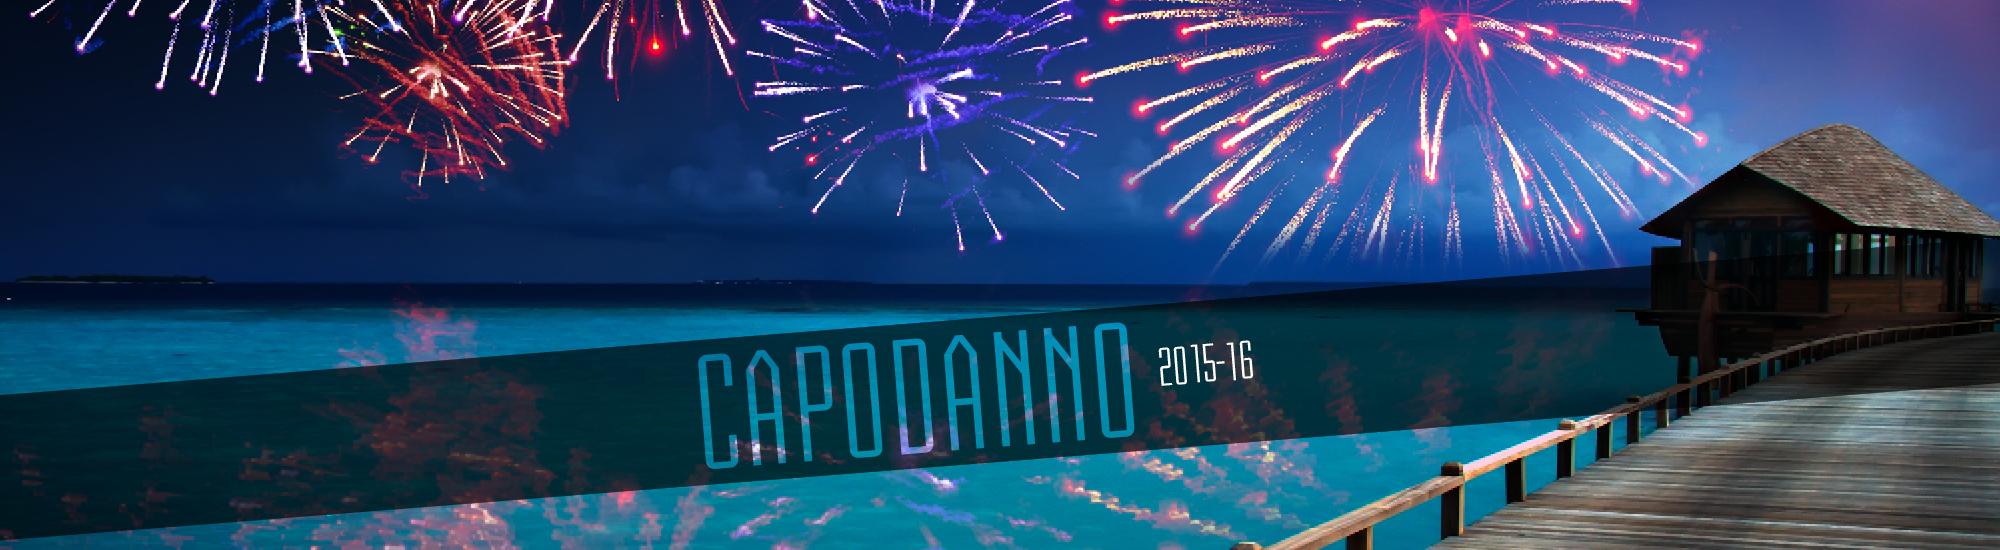 Viaggi Capodanno 2015 offerte